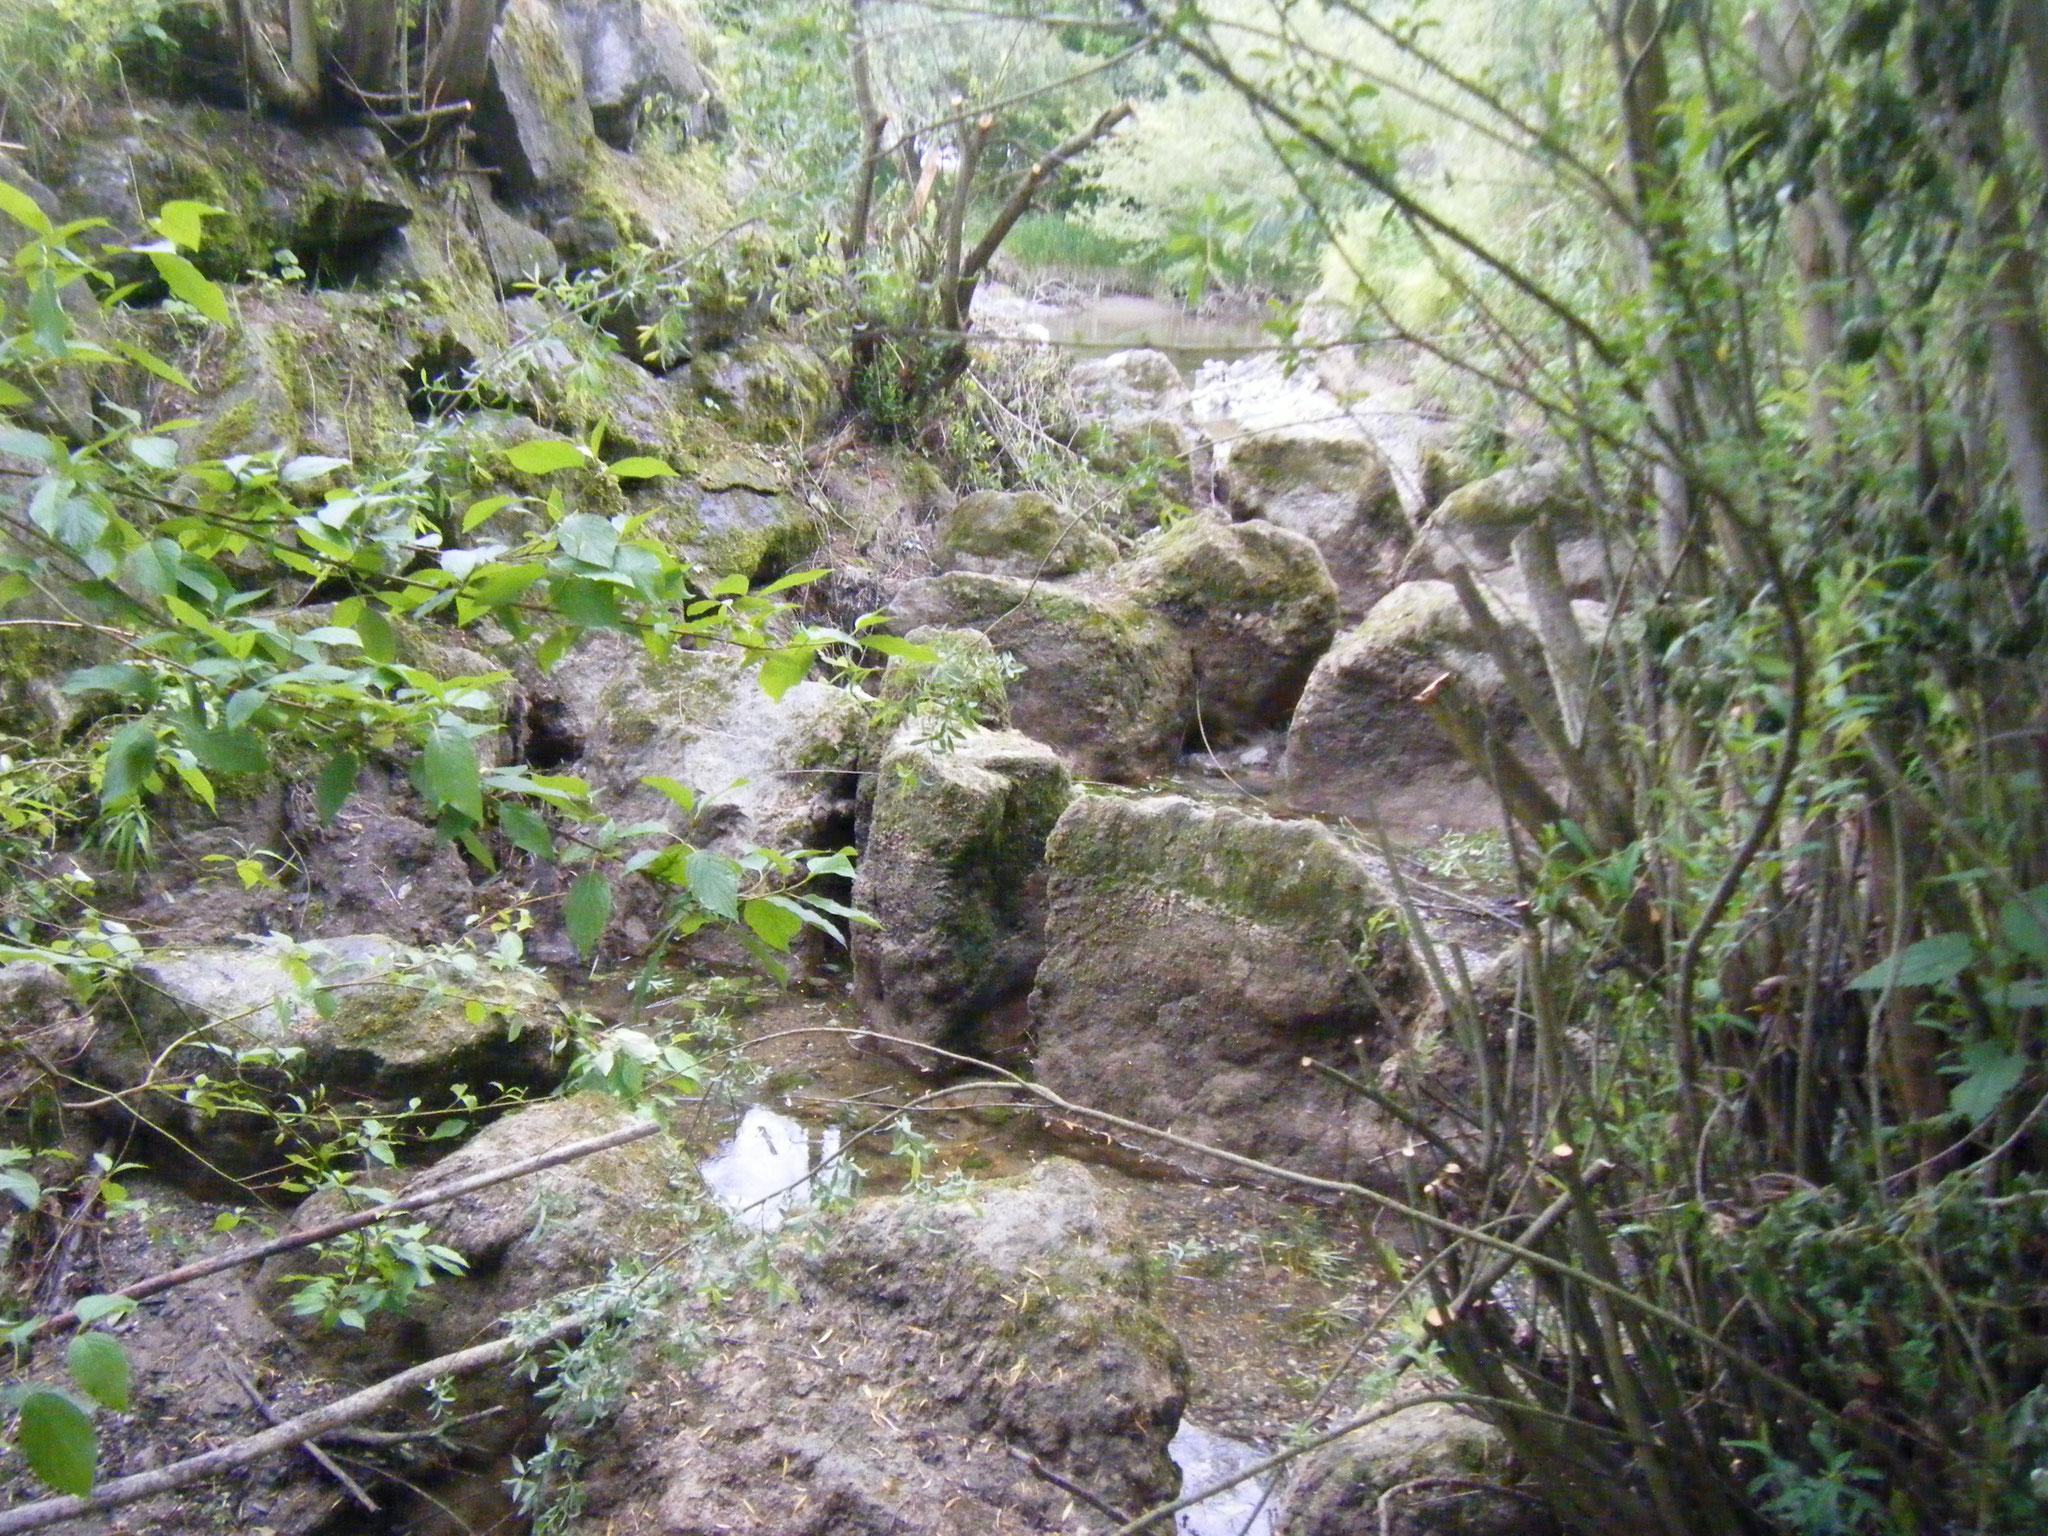 die trocken gefallene ehemalige Fischtreppe